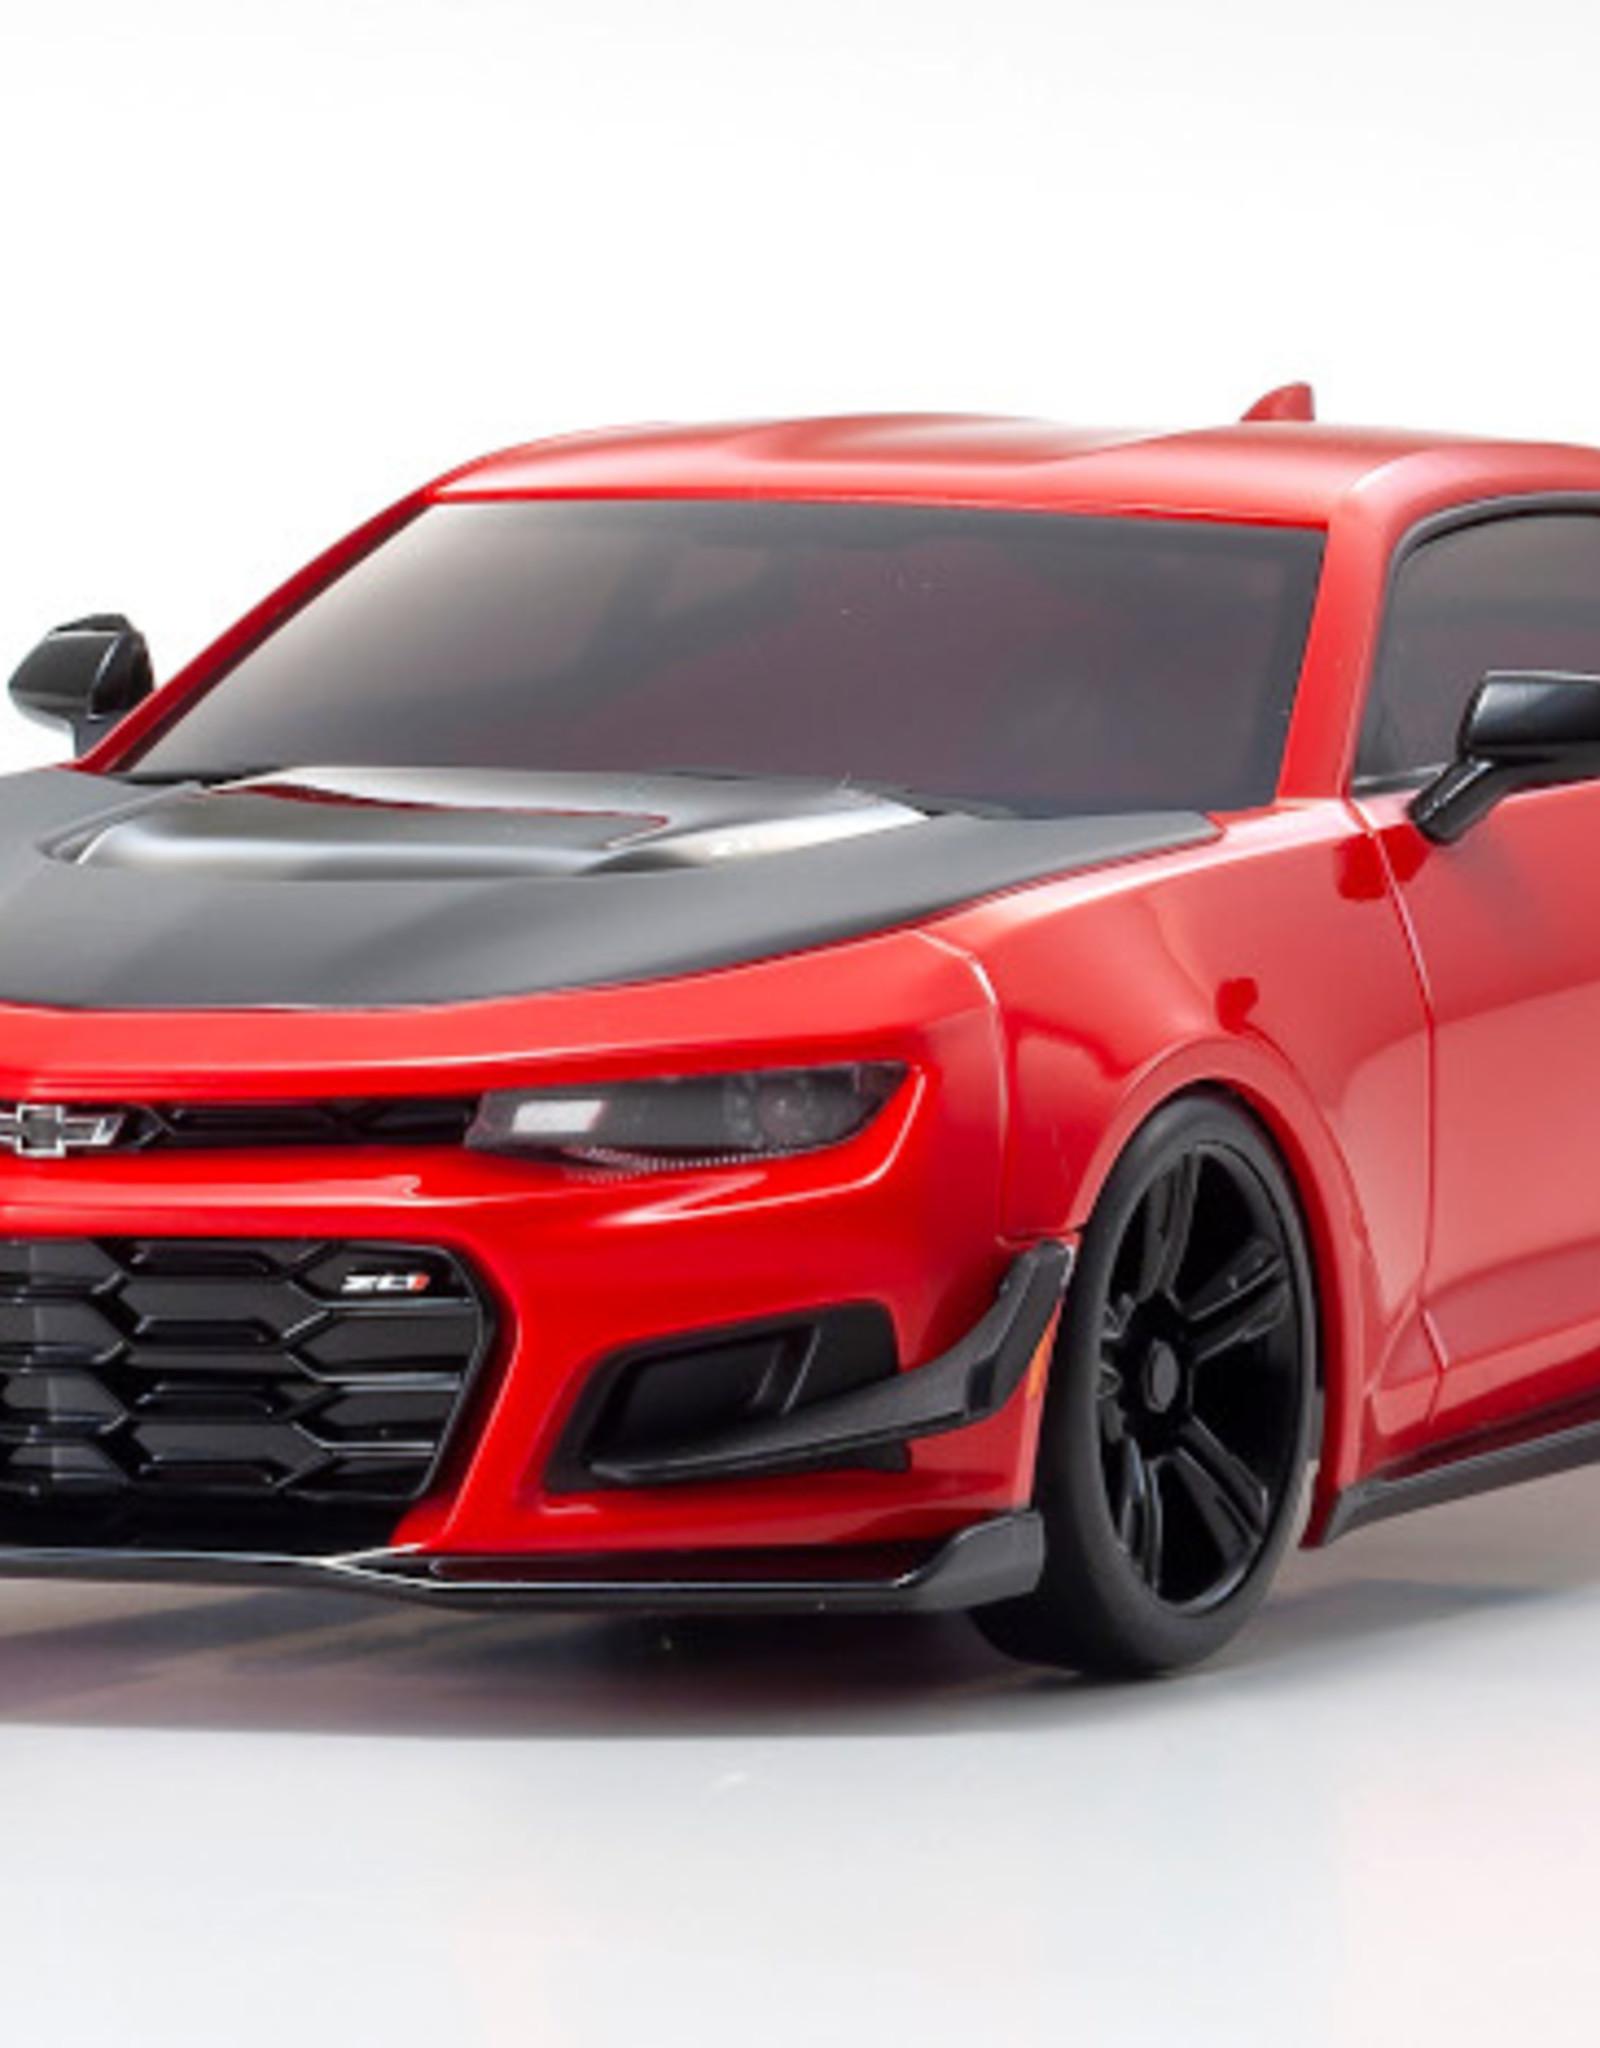 Kyosho MINI-Z RWD Camaro ZL1 Red Hot W/LED